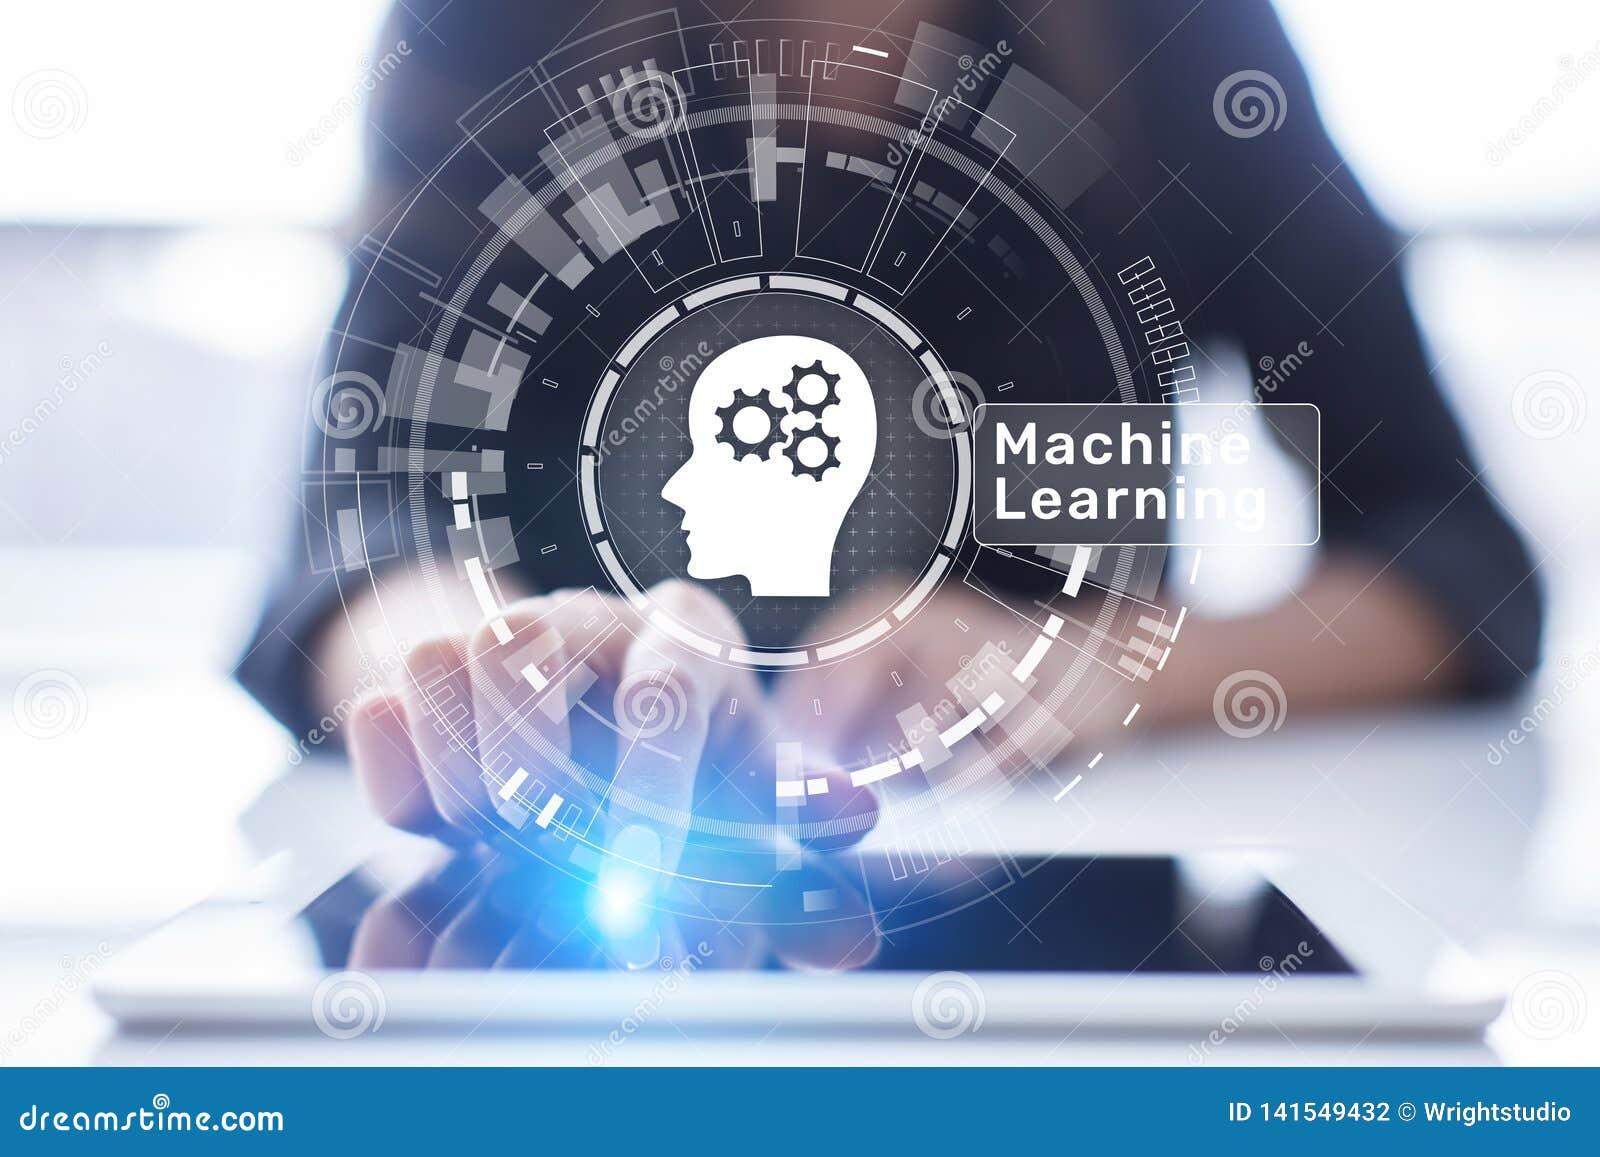 Βαθιοί αλγόριθμοι εκμάθησης μηχανών, τεχνητή νοημοσύνη, AI, αυτοματοποίηση και σύγχρονη τεχνολογία στην επιχείρηση ως έννοια